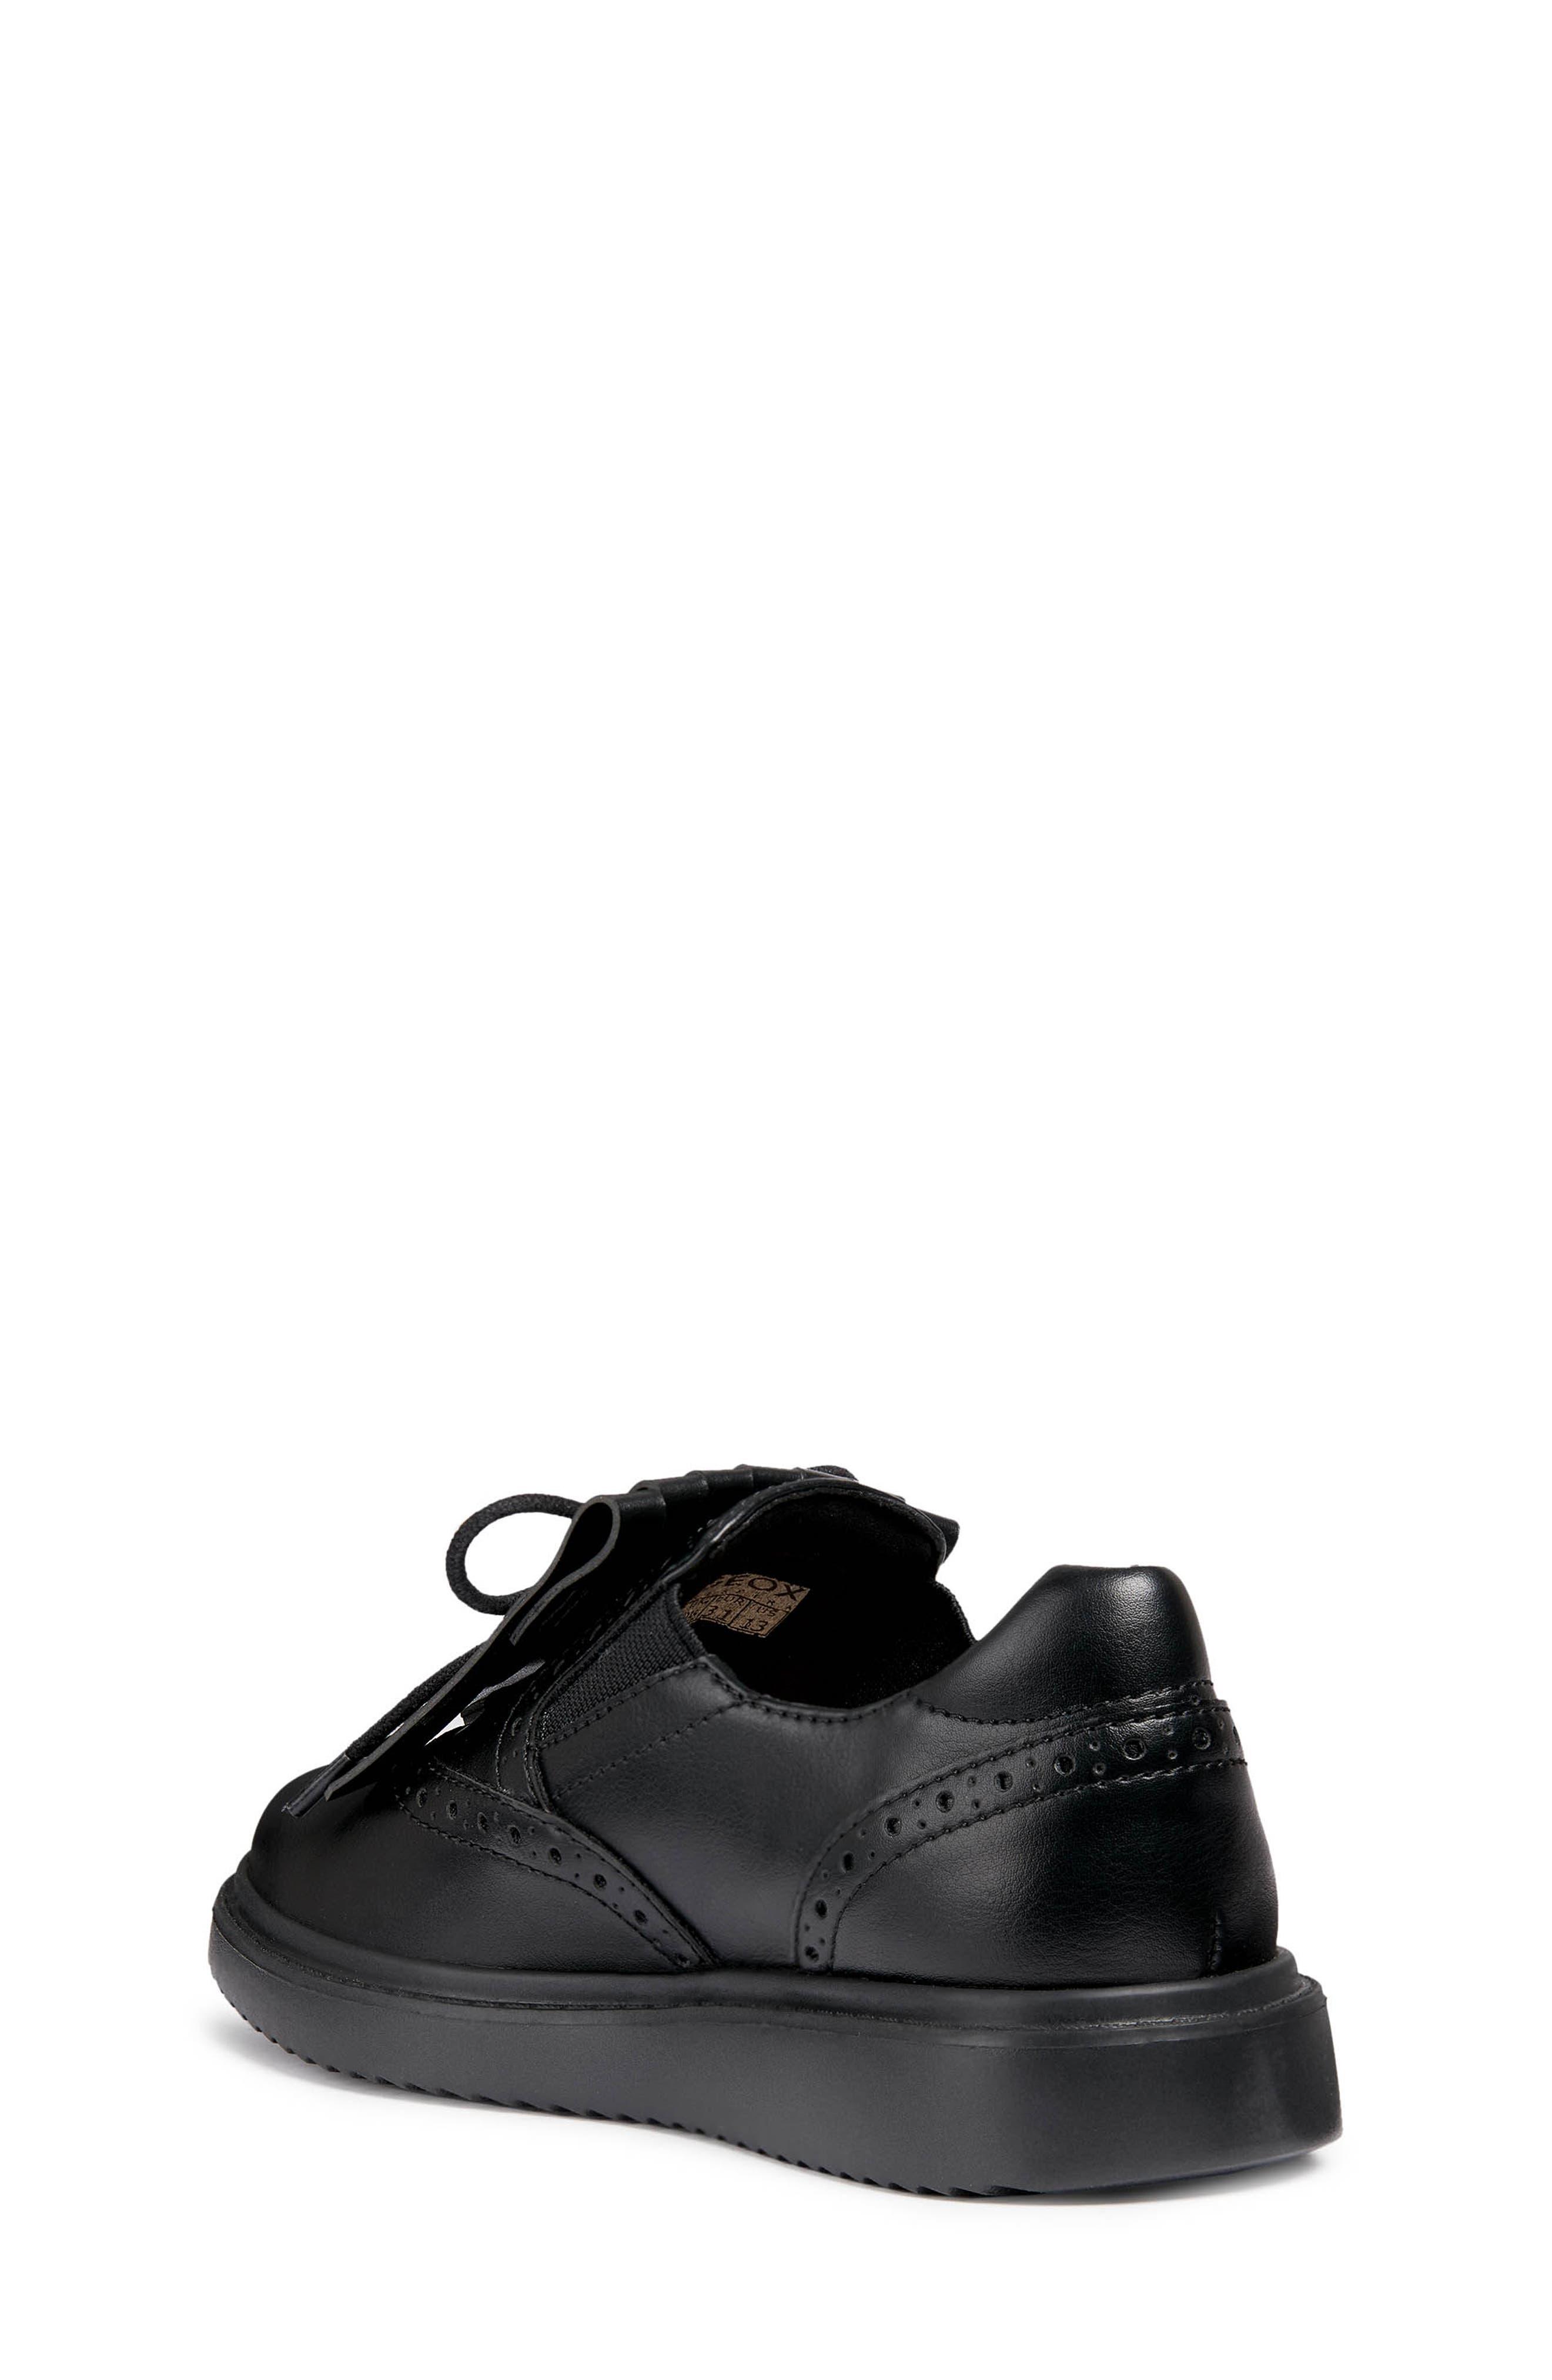 Thymar Kiltie Fringe Sneaker,                             Alternate thumbnail 2, color,                             BLACK